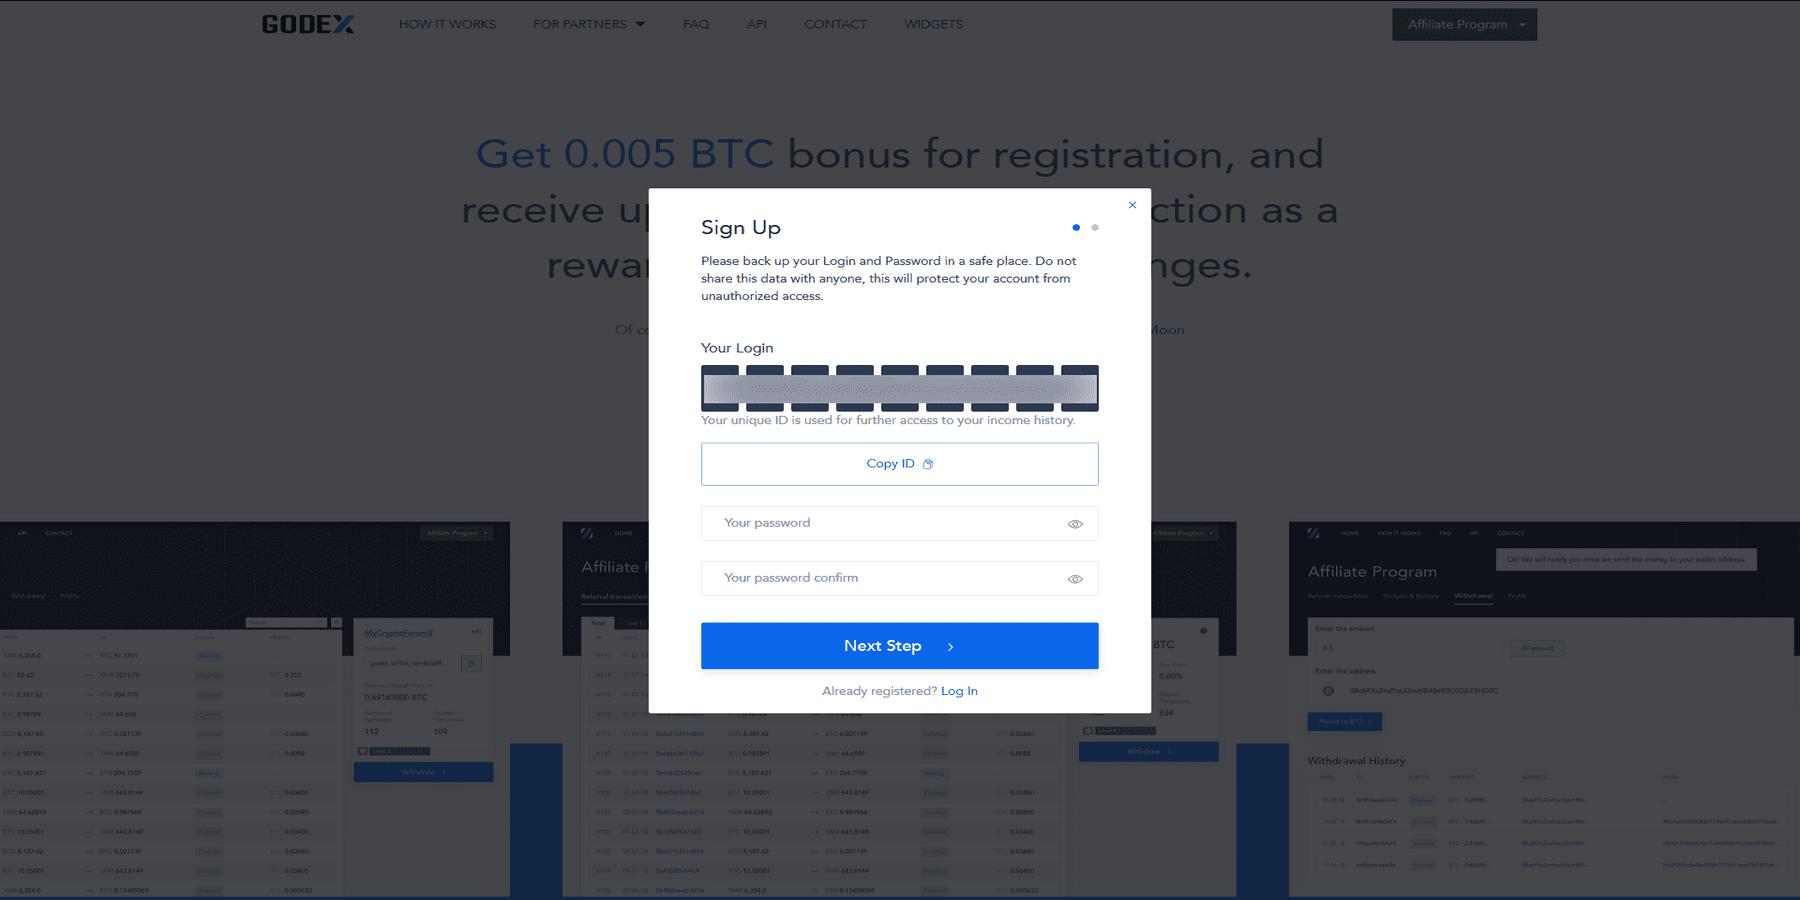 Créer un compte affiliation chez Godex